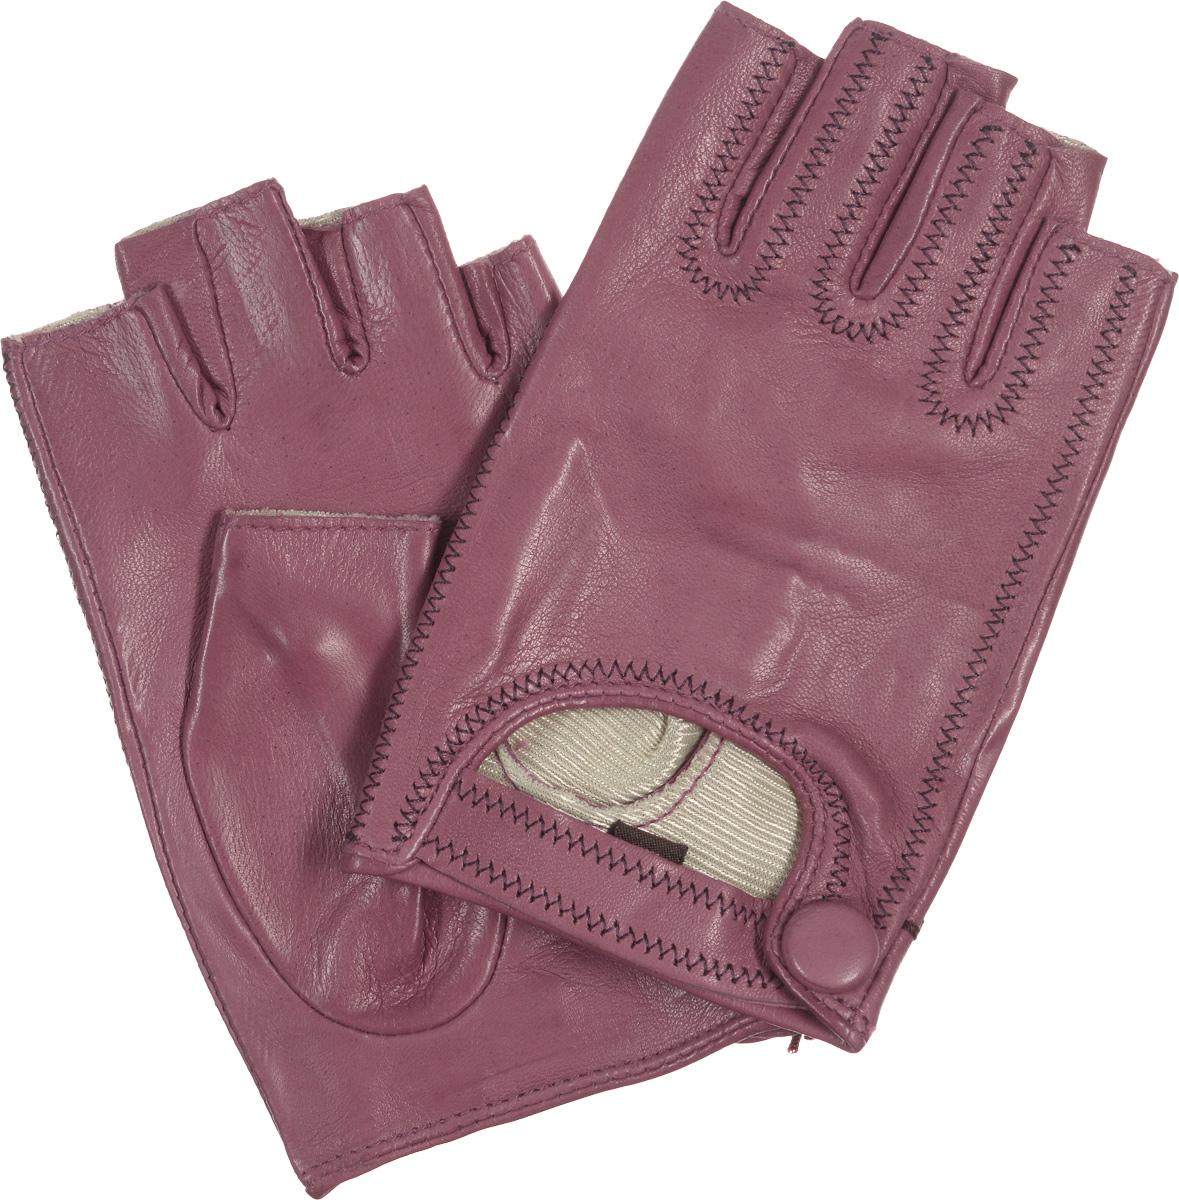 Митенки женские. IS03015IS03015Лаконичные митенки Eleganzza изготовлены из гладкой, невероятно мягкой натуральной кожи ягненка. Внешняя часть декорирована вырезом с ремешком на кнопке. Оформлено изделие контрастной строчкой. Первоначально митенки использовались для защиты от холода при выполнении работ, требующих подвижности пальцев. Но начиная с XVIII века митенки стали использоваться как модный женский аксессуар, дамы носили митенки и в помещениях, соответственно митенки выполняли больше эстетическую, а не практическую функцию. Такая мода продержалась и в XIX веке. Использовались как простые вязаные митенки, так и кружевные, причем они могли по длине доходить как до середины руки, так и до локтя. В России митенки использовались еще в XIX веке и считались женскими перчатками. В настоящий момент митенки используются как женщинами, так и мужчинами, но все-таки в большей степени считаются женским аксессуаром одежды!